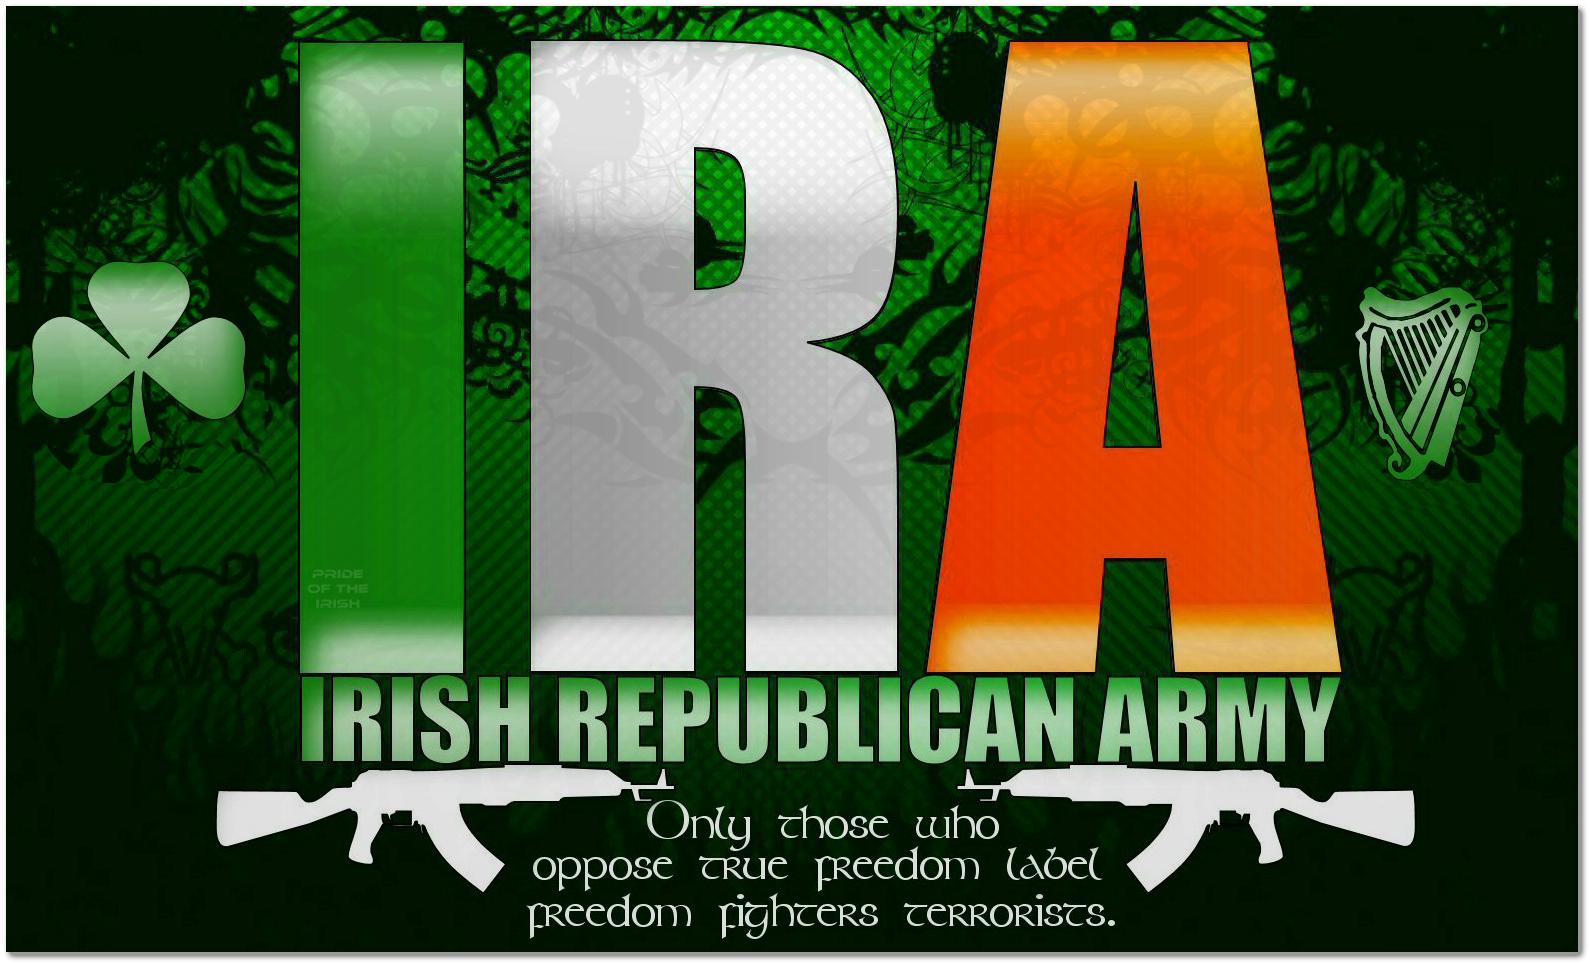 История на Ирландската републиканска армия